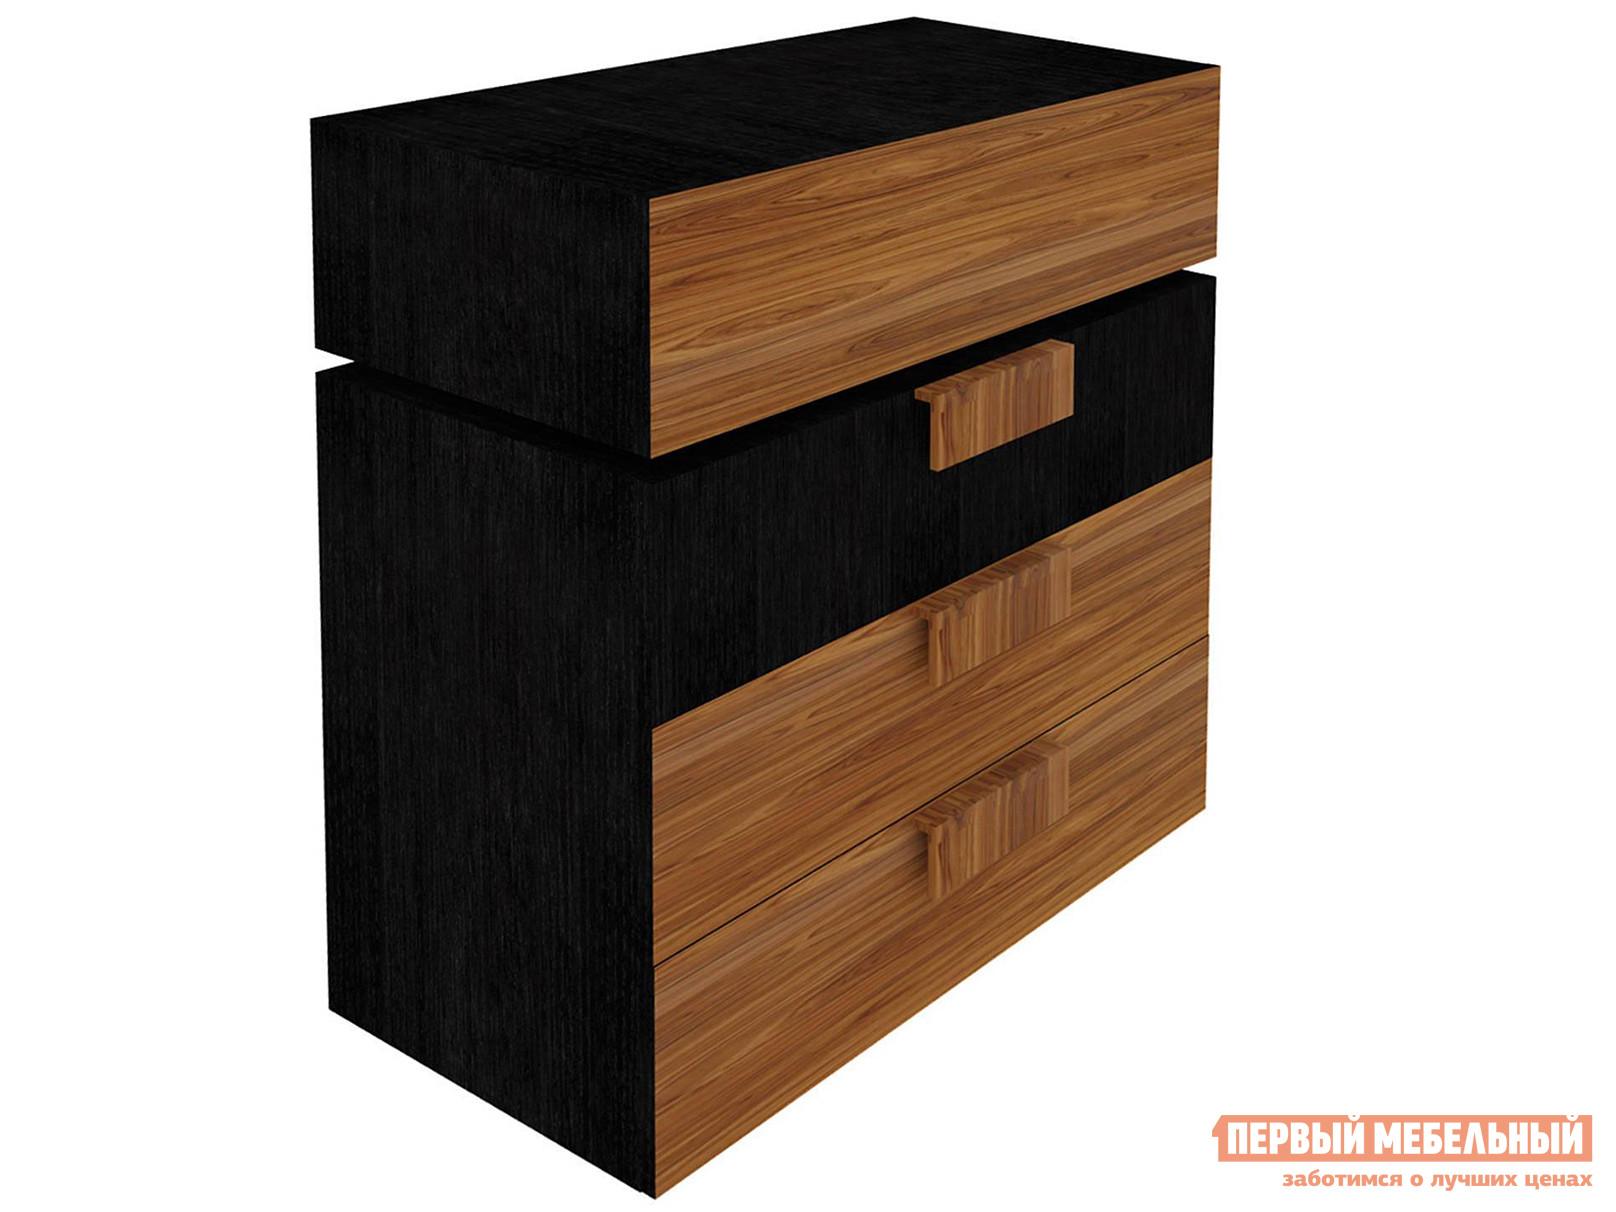 Комод Первый Мебельный Hyper Комод 2 комод первый мебельный комод диана